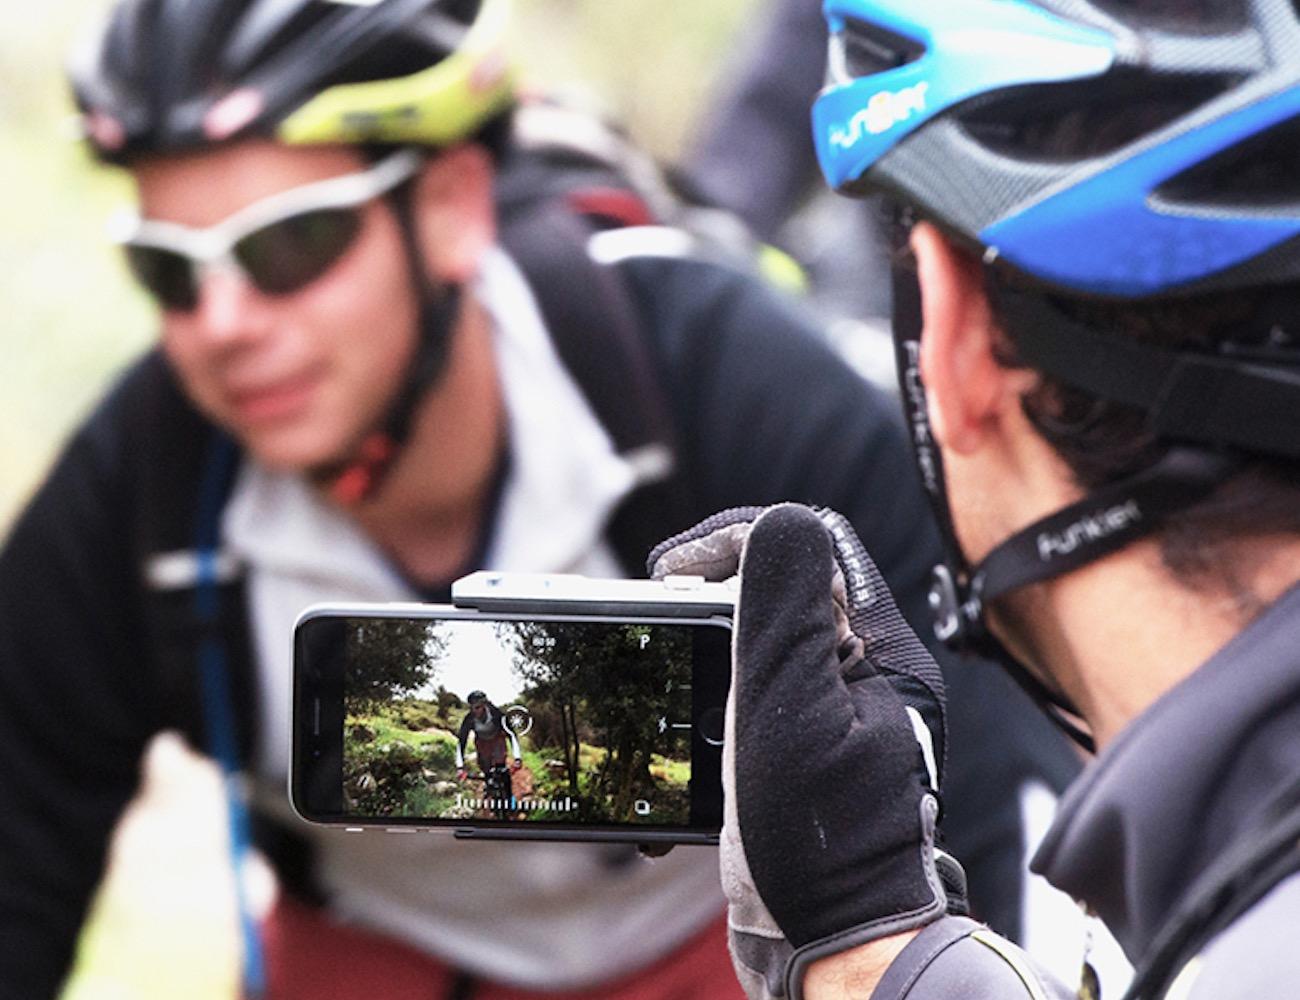 Pictar – Ergonomic iPhone Camera Grip